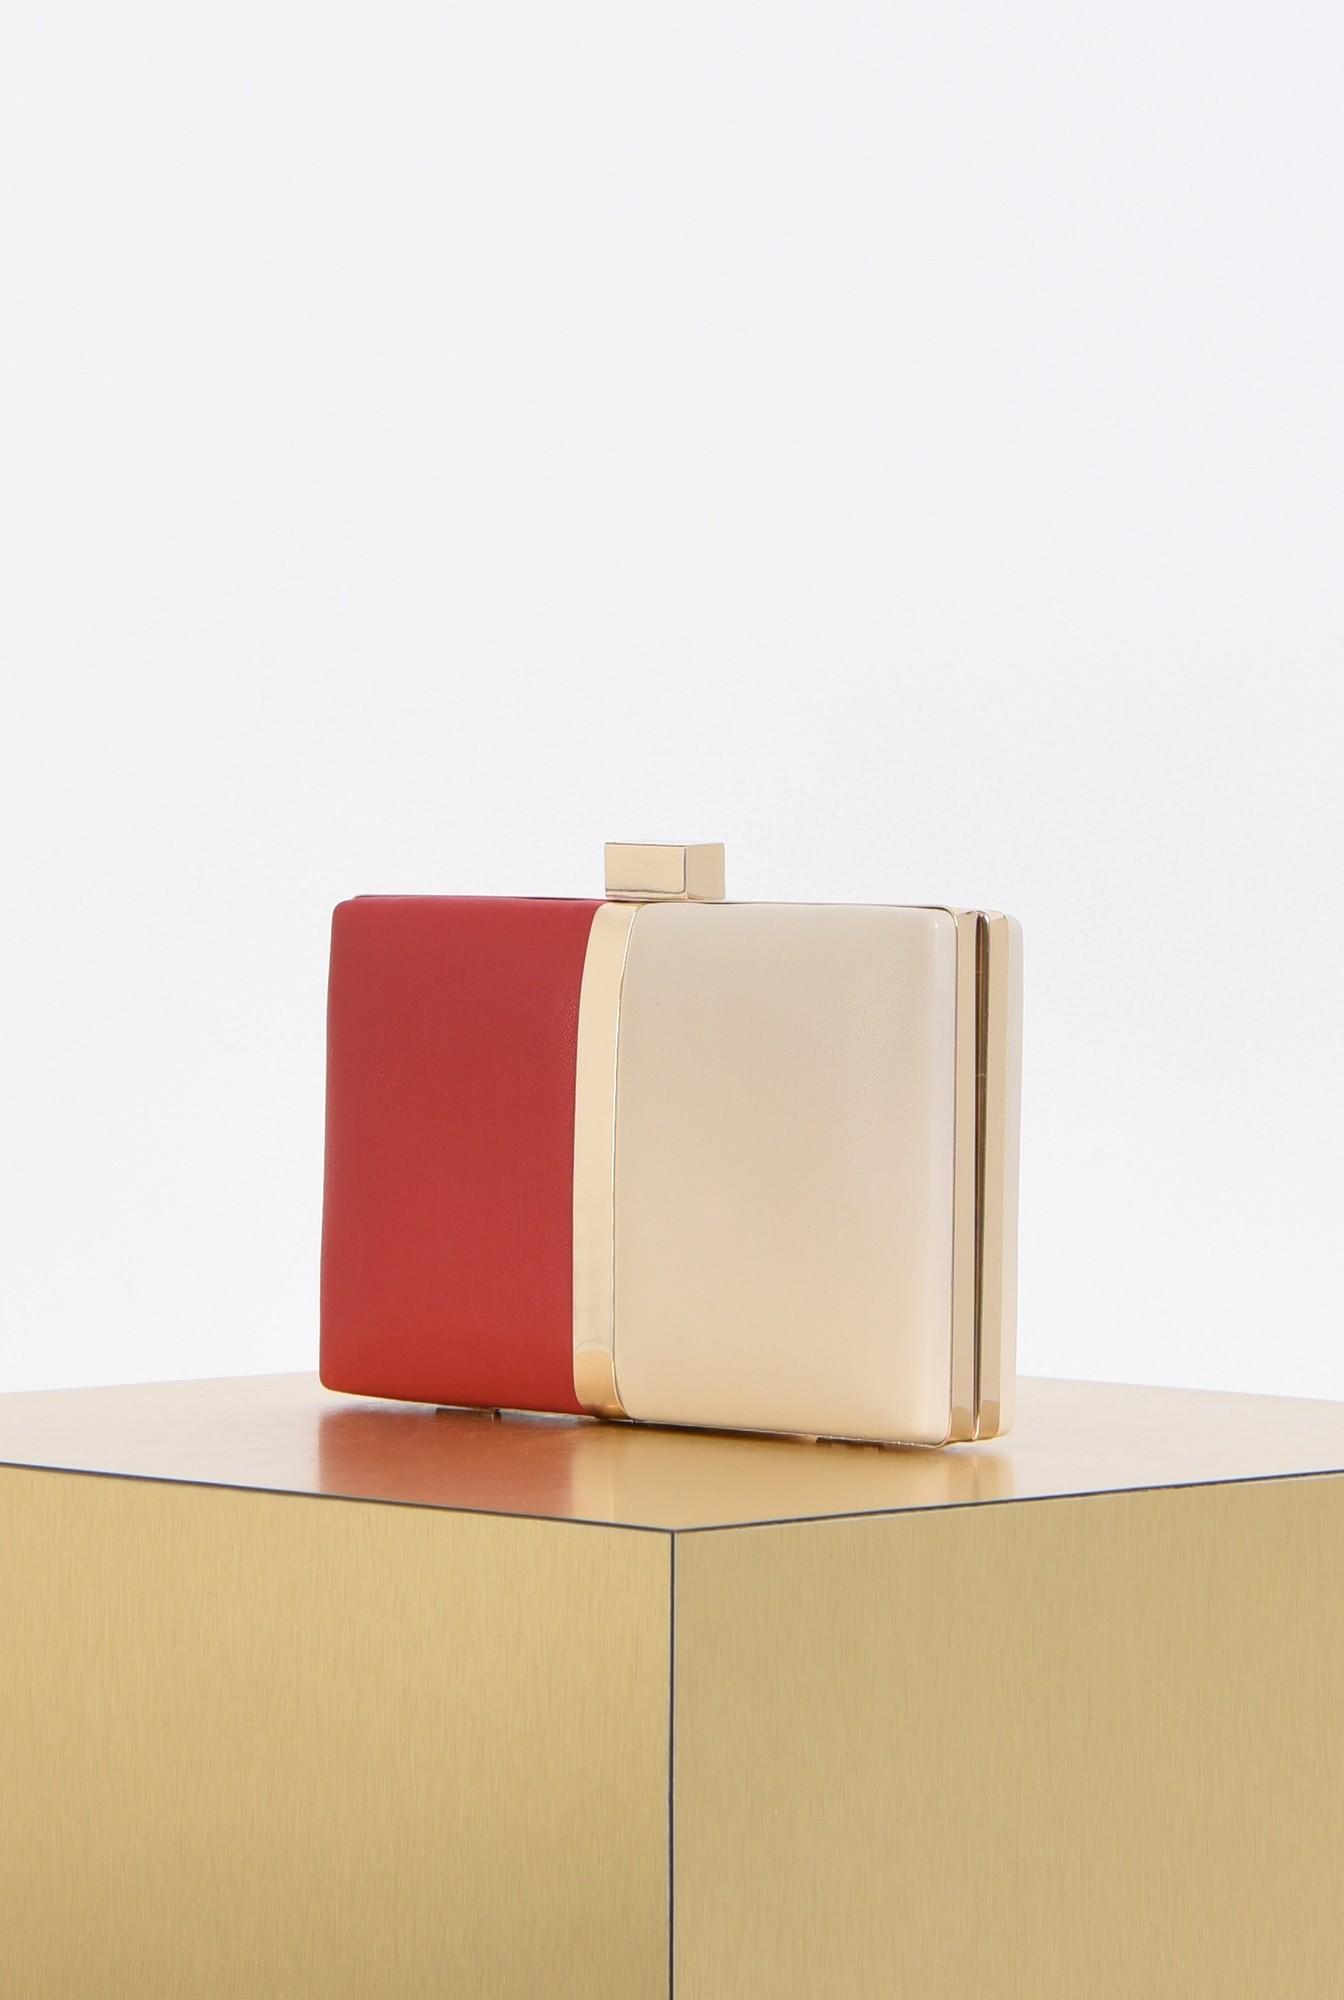 1 - plic elegant, bicolor, alb, rosu, accesorii